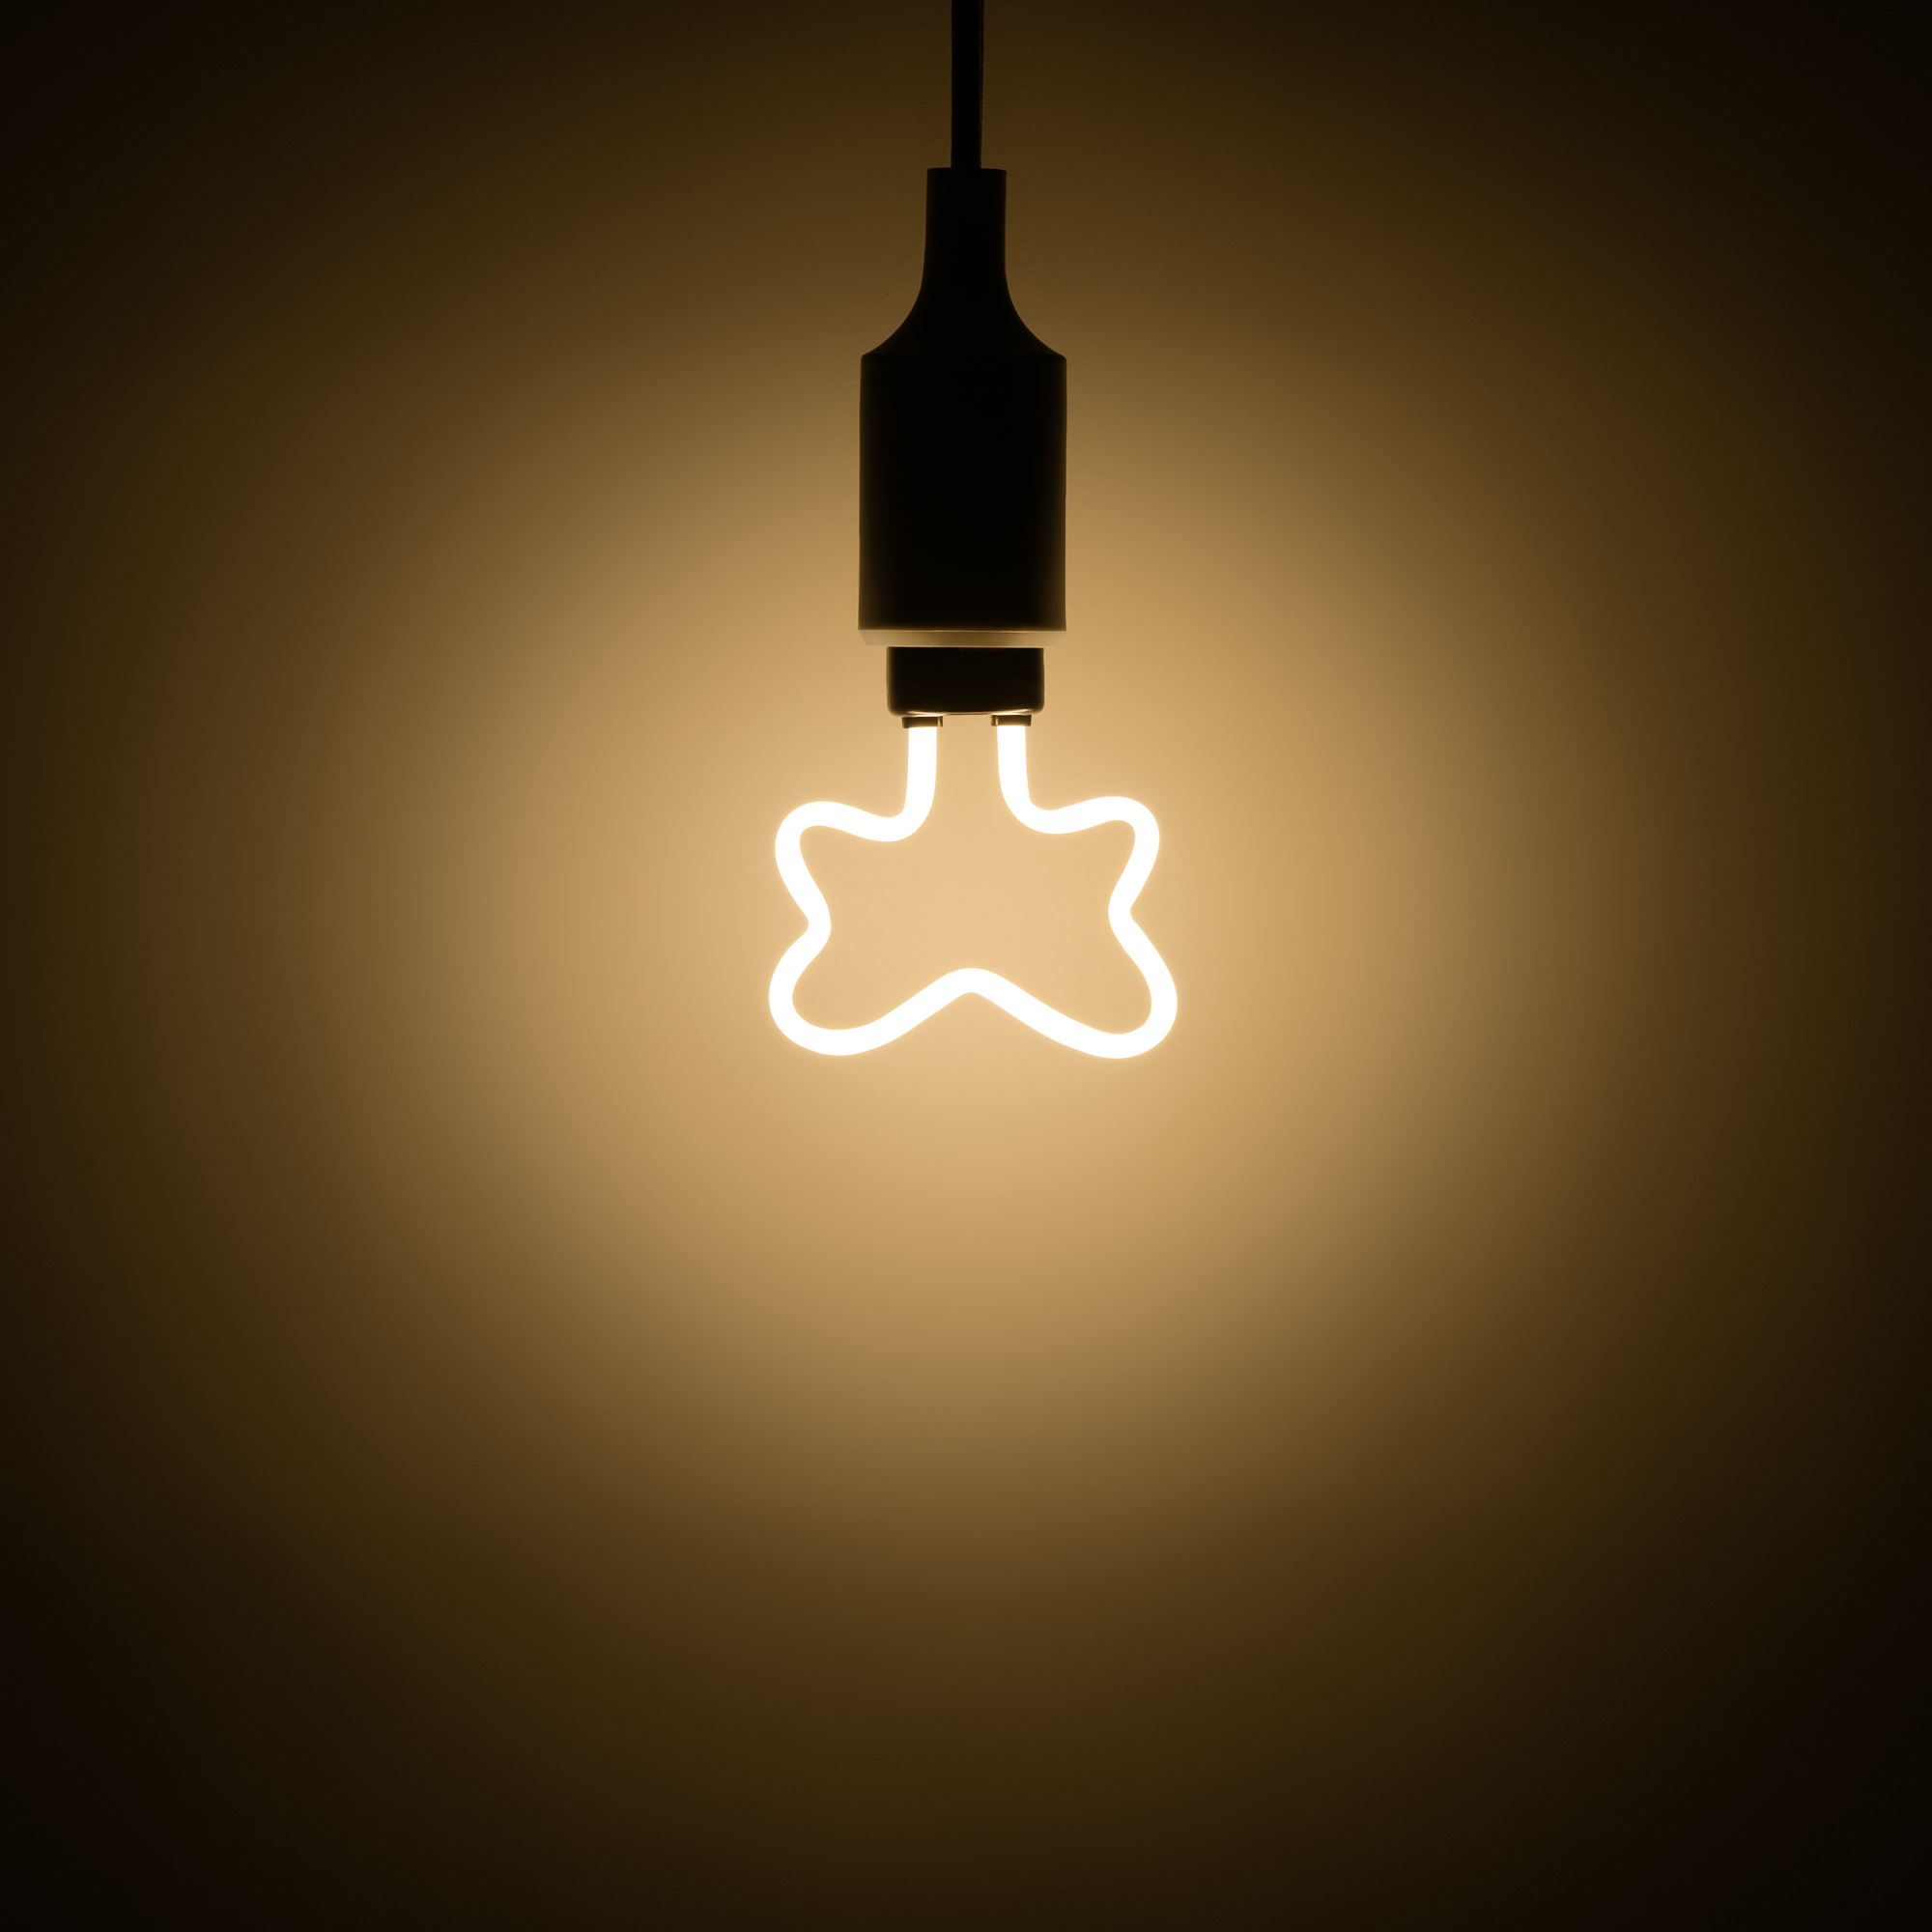 Лампа светодиодная Gauss Butterfly E27 230 В 4 Вт декоративная 390 лм тёплый белый свет